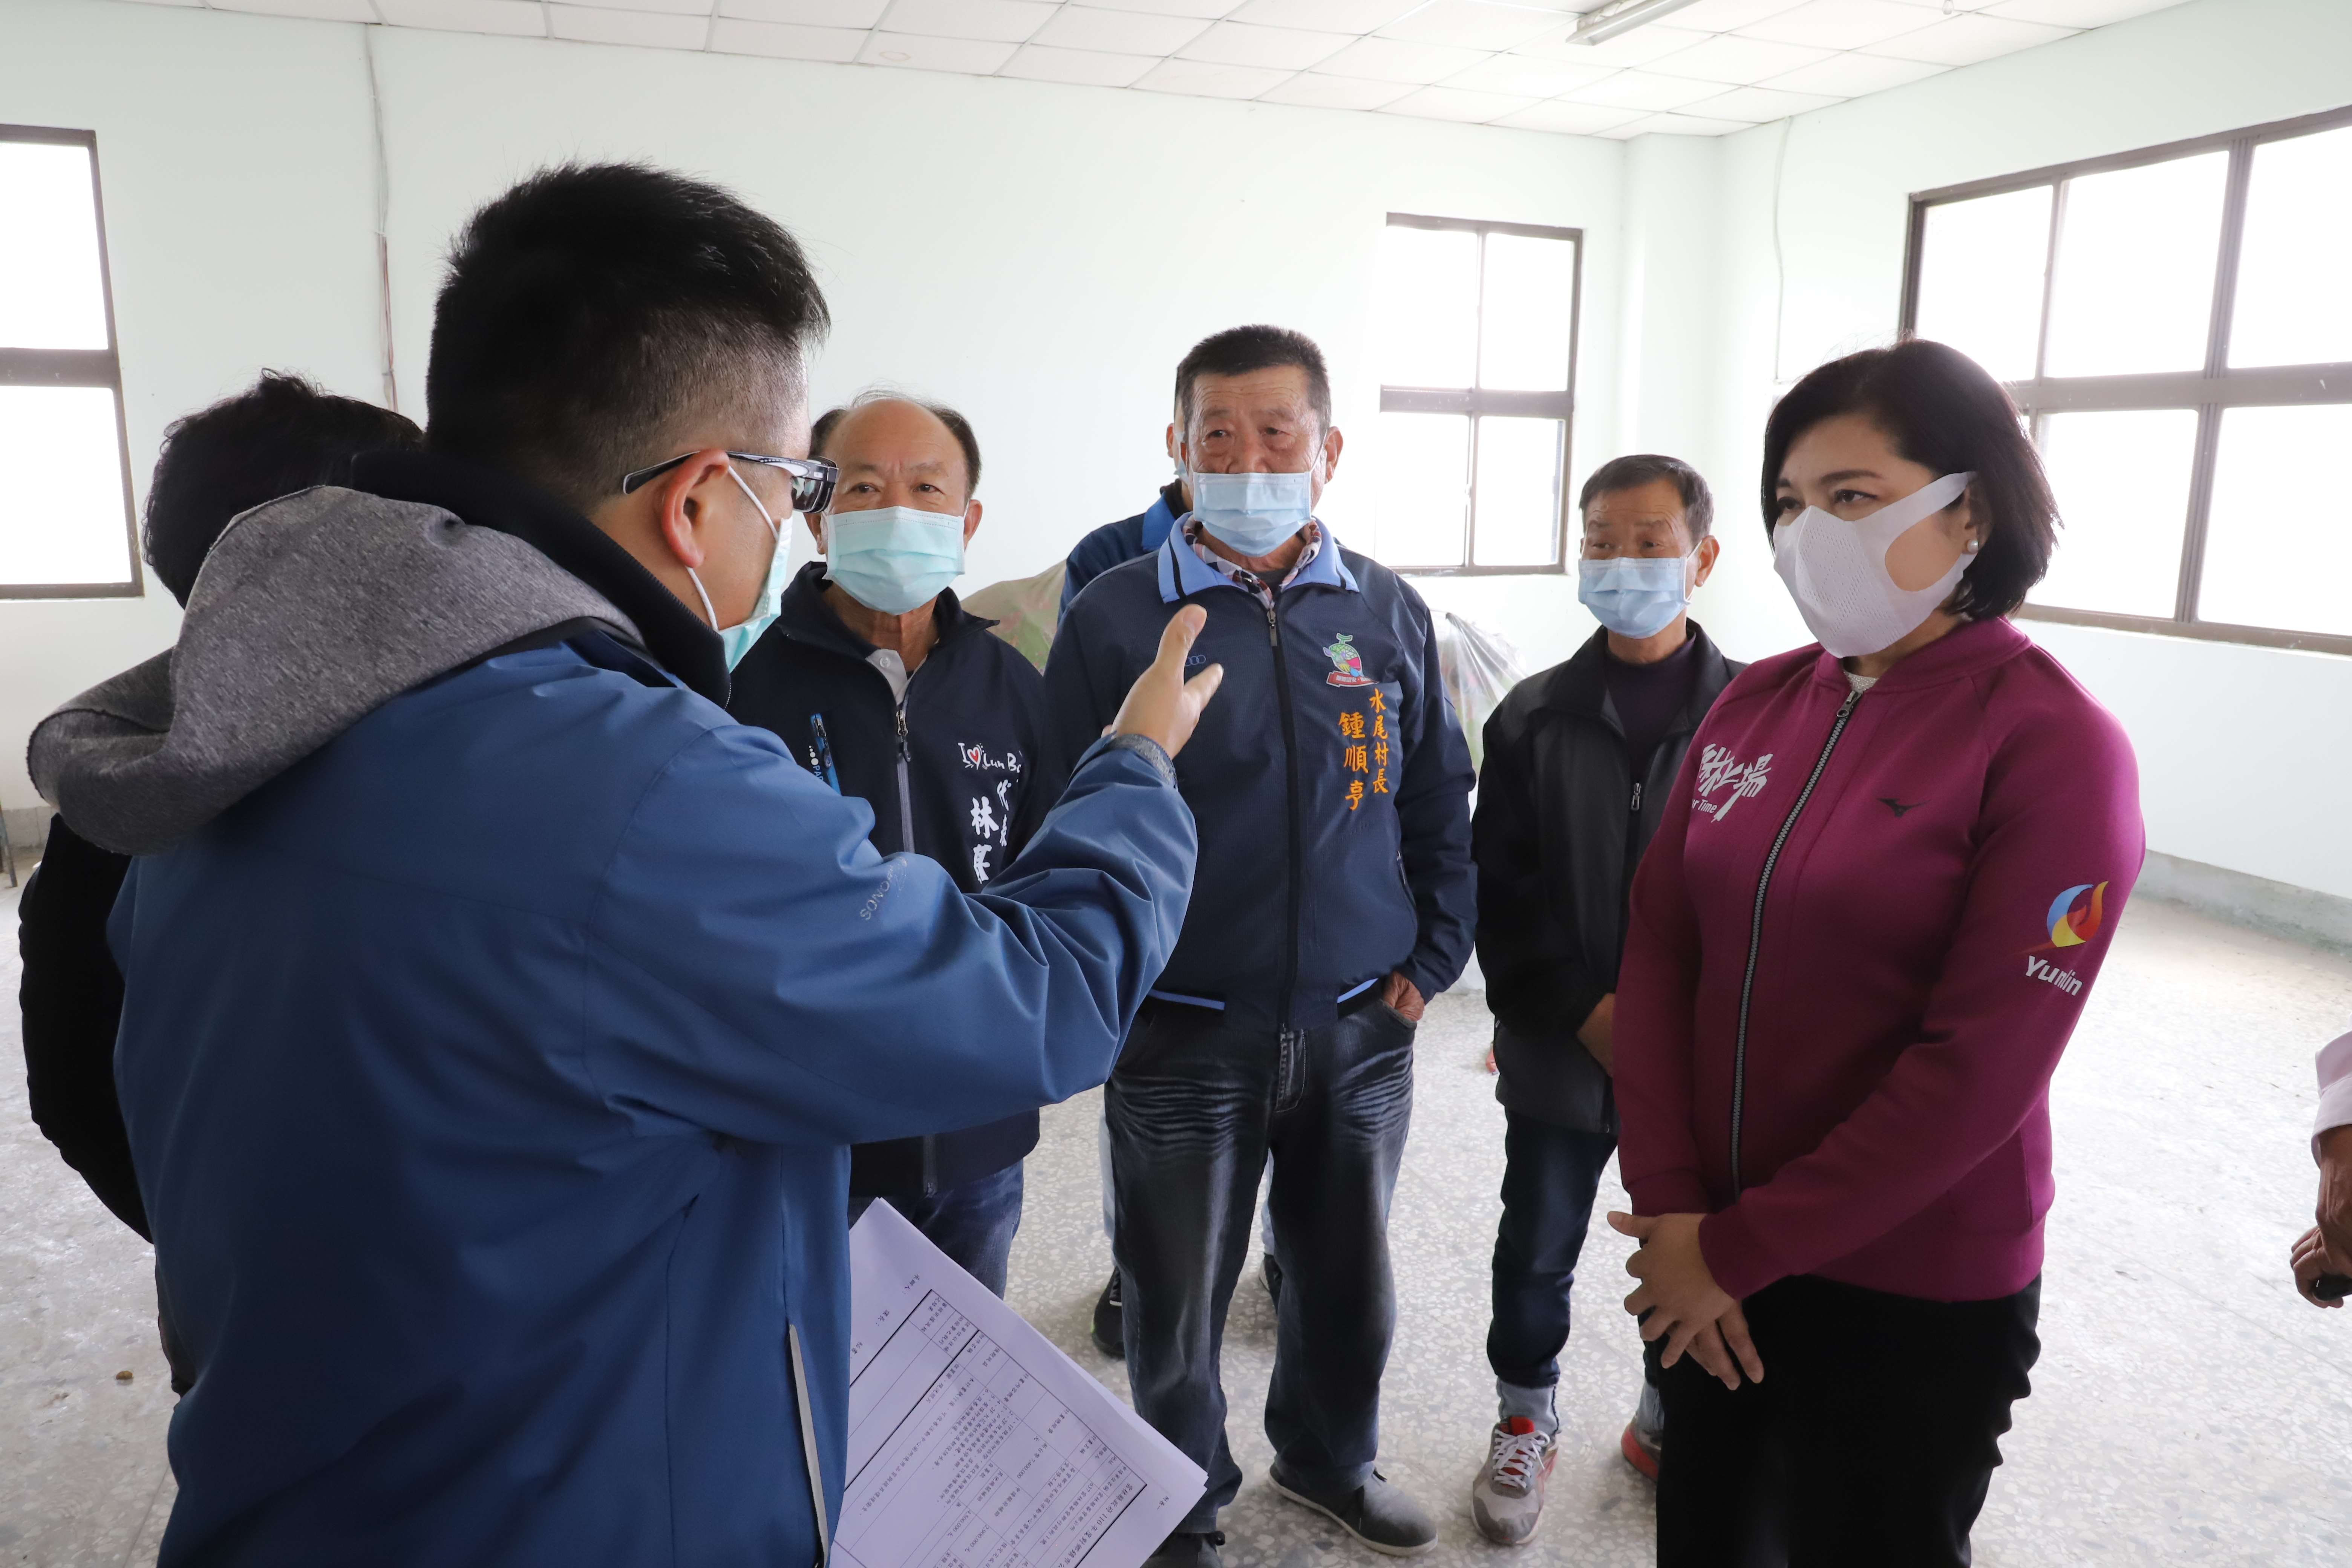 張縣長會勘水尾社區活動中心,允諾全力協助修繕。